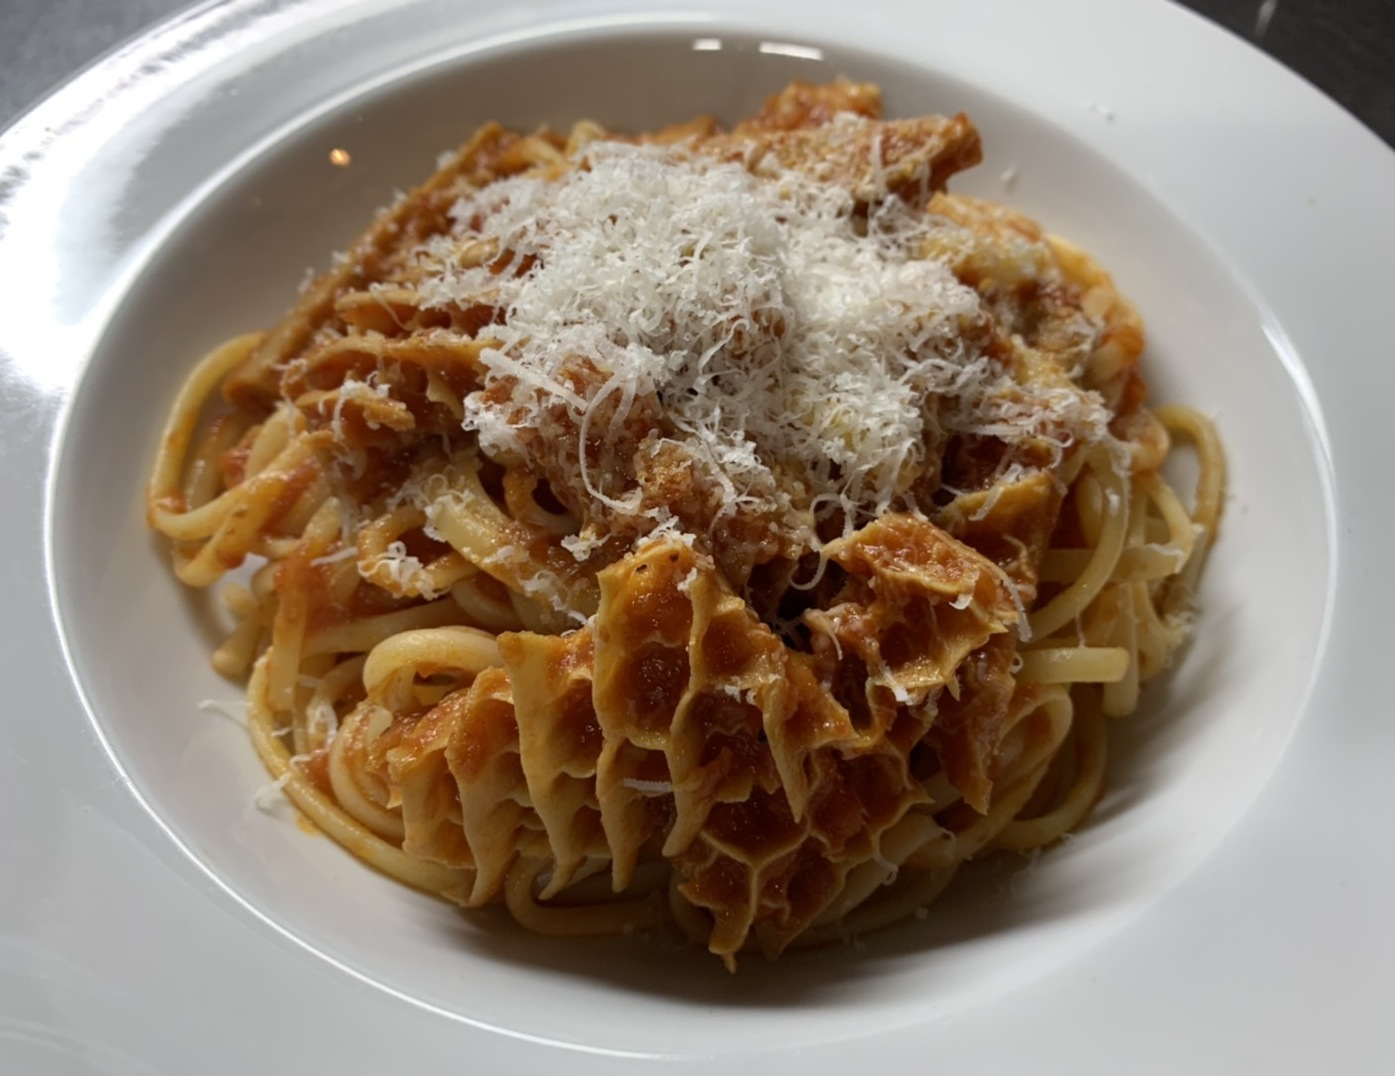 イタリア パルマ産 生ハムとチーズの盛り合わせ